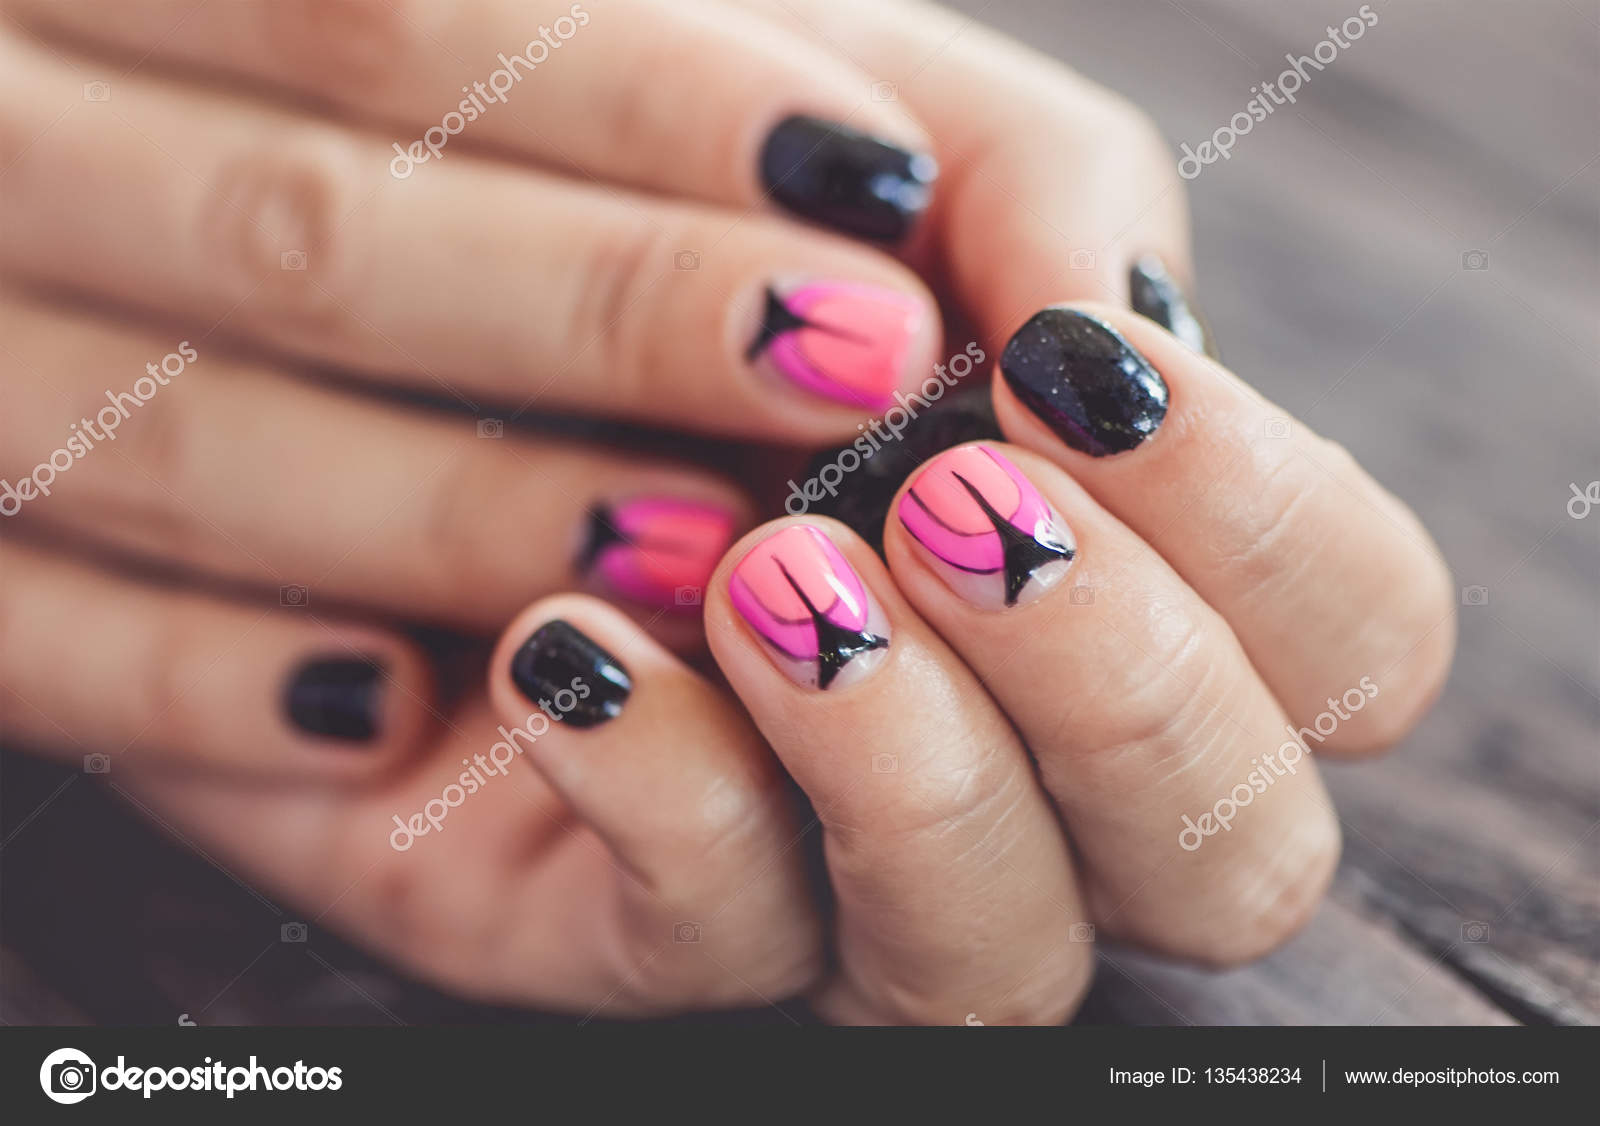 Schöner Nagellack Design, schwarz und rosa Nägel Kunst Maniküre ...